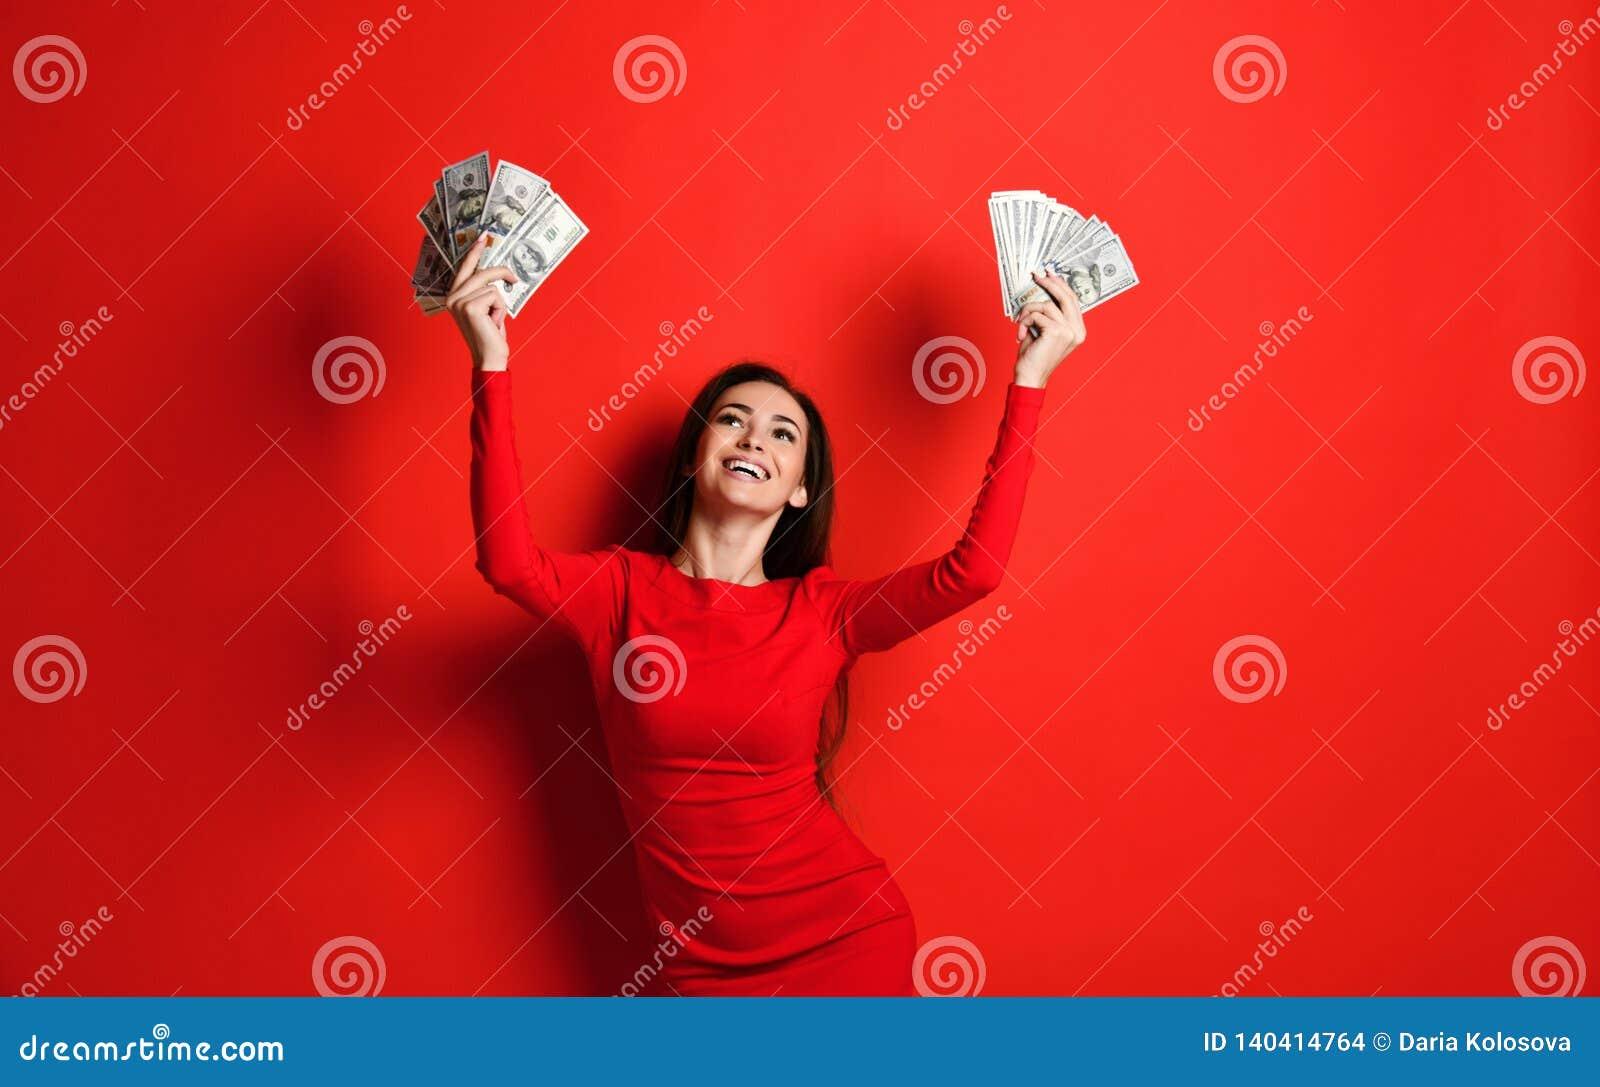 A morena insolente nova em um vestido vermelho exulta em uma grande quantidade de dinheiro em suas mãos que ganha